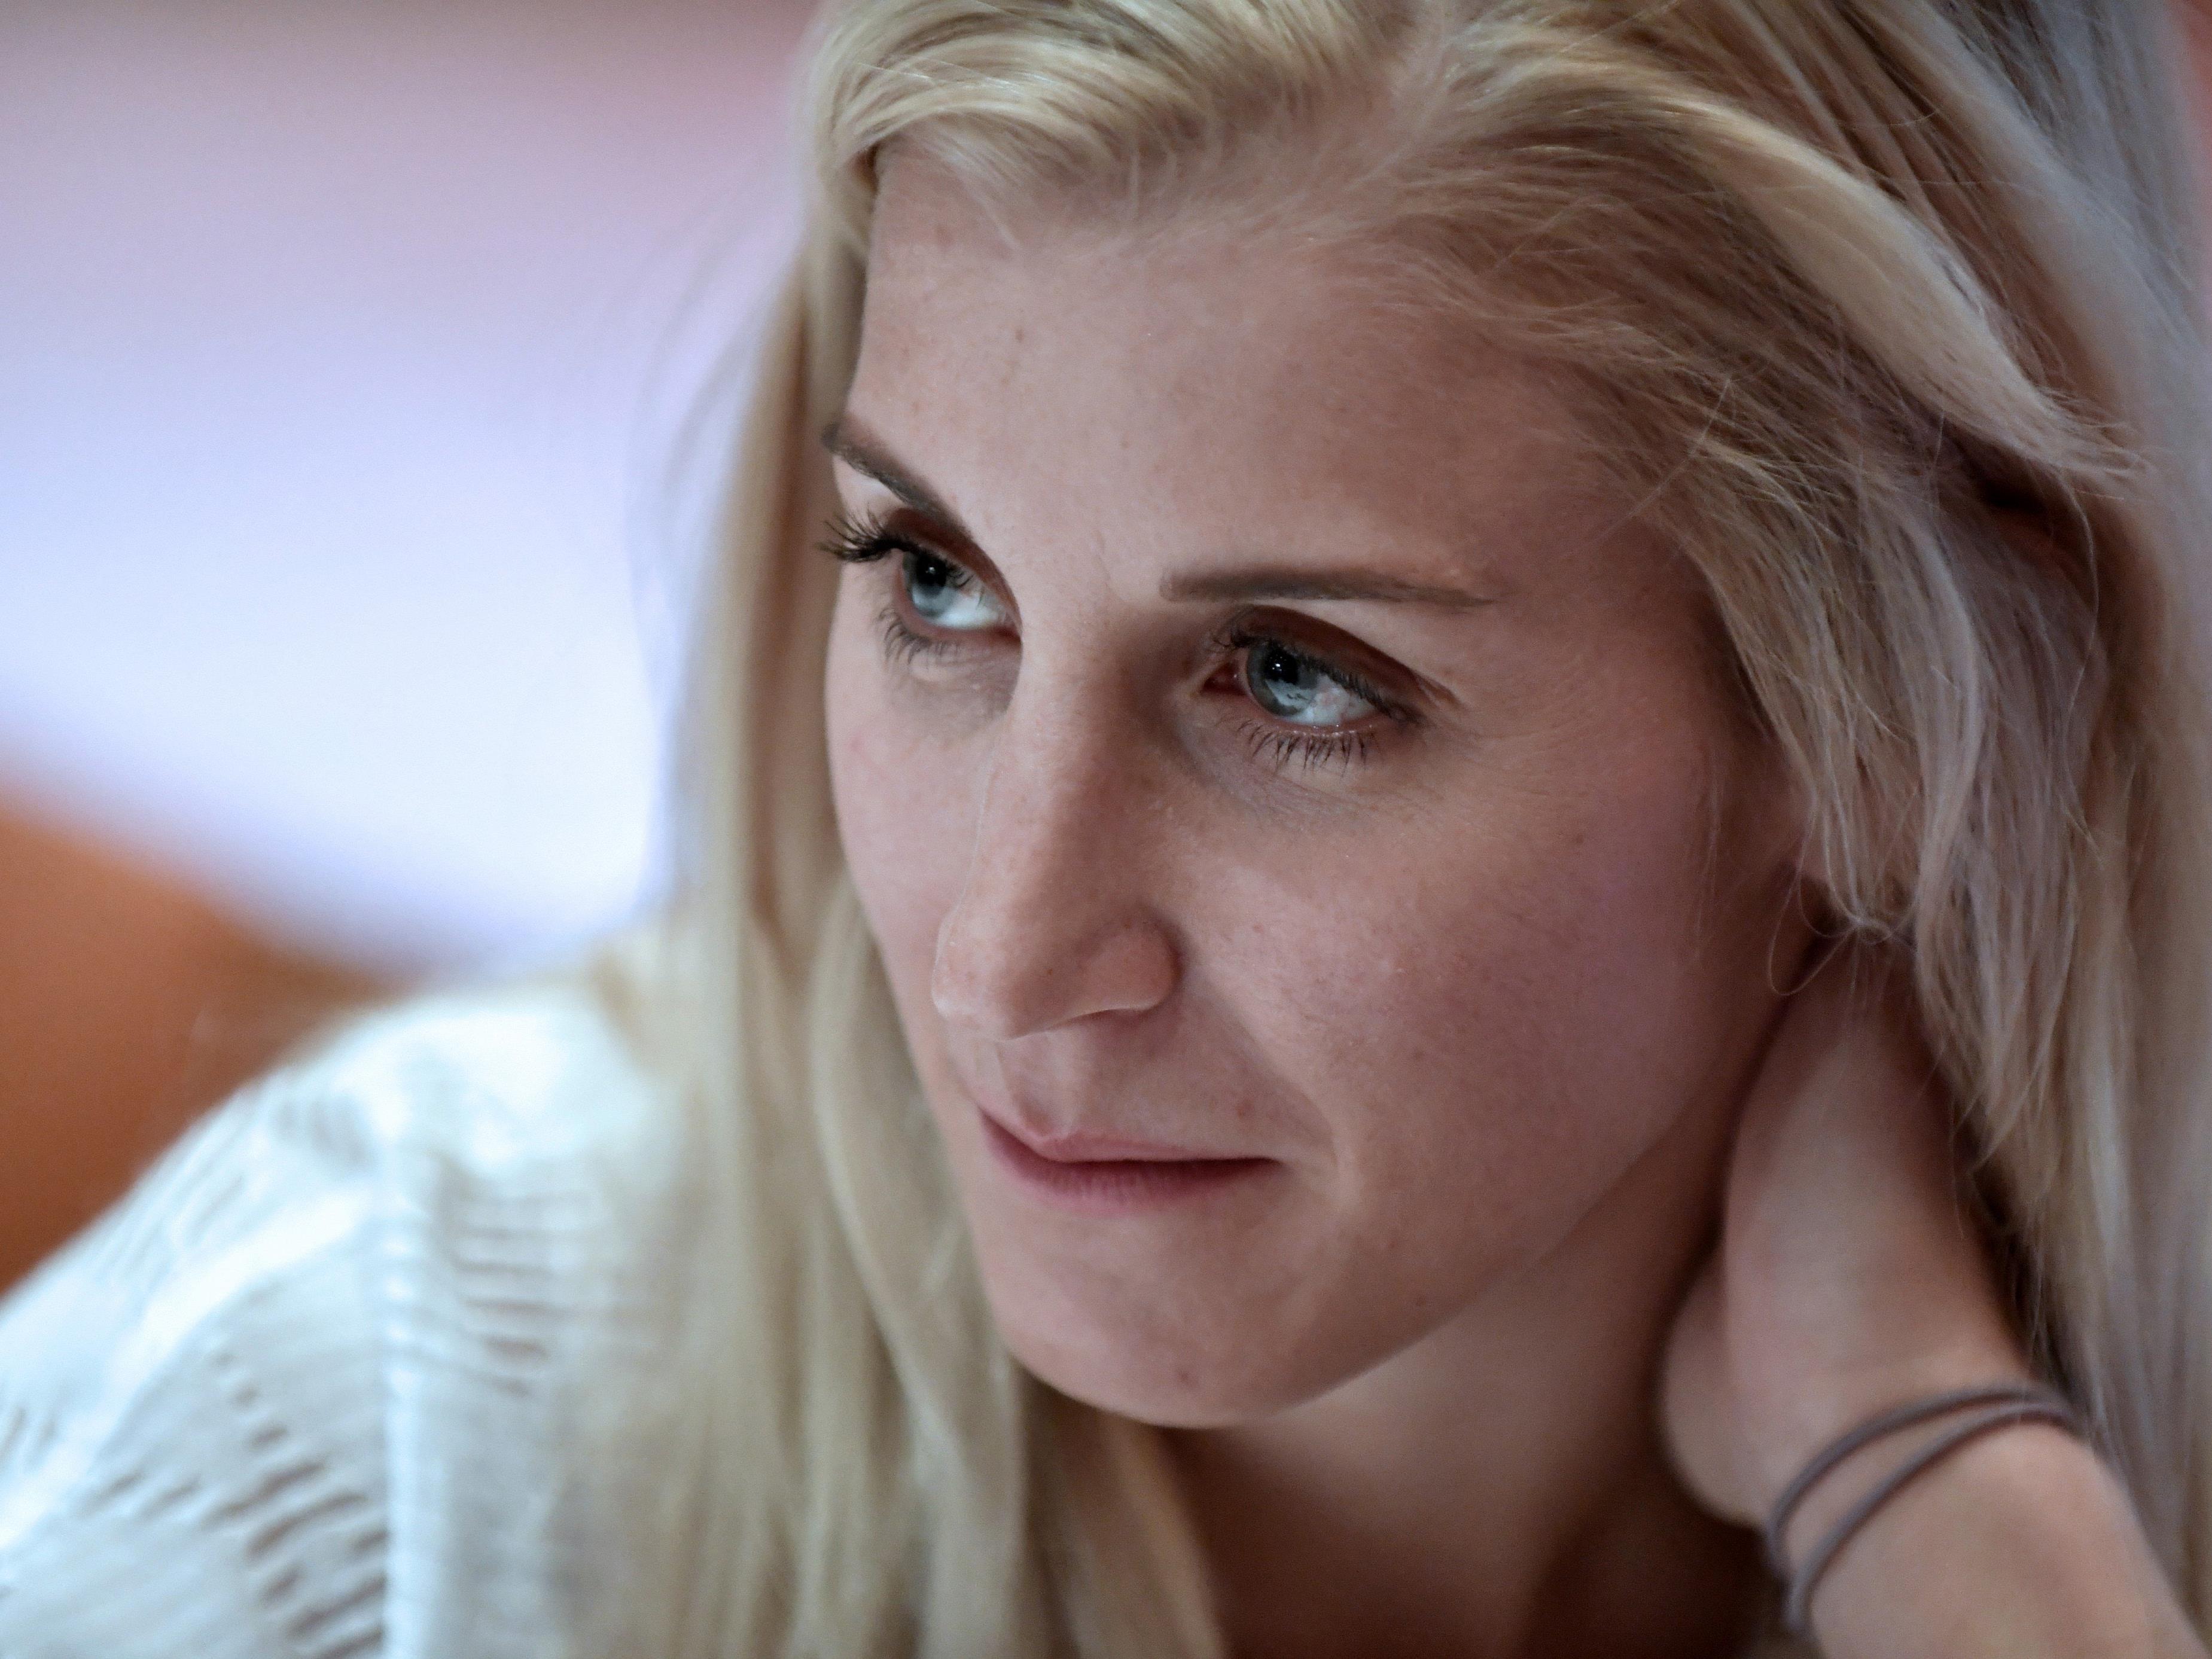 Eva-Maria Brem fällt verletzungsbedingt die gesamte Saison aus.